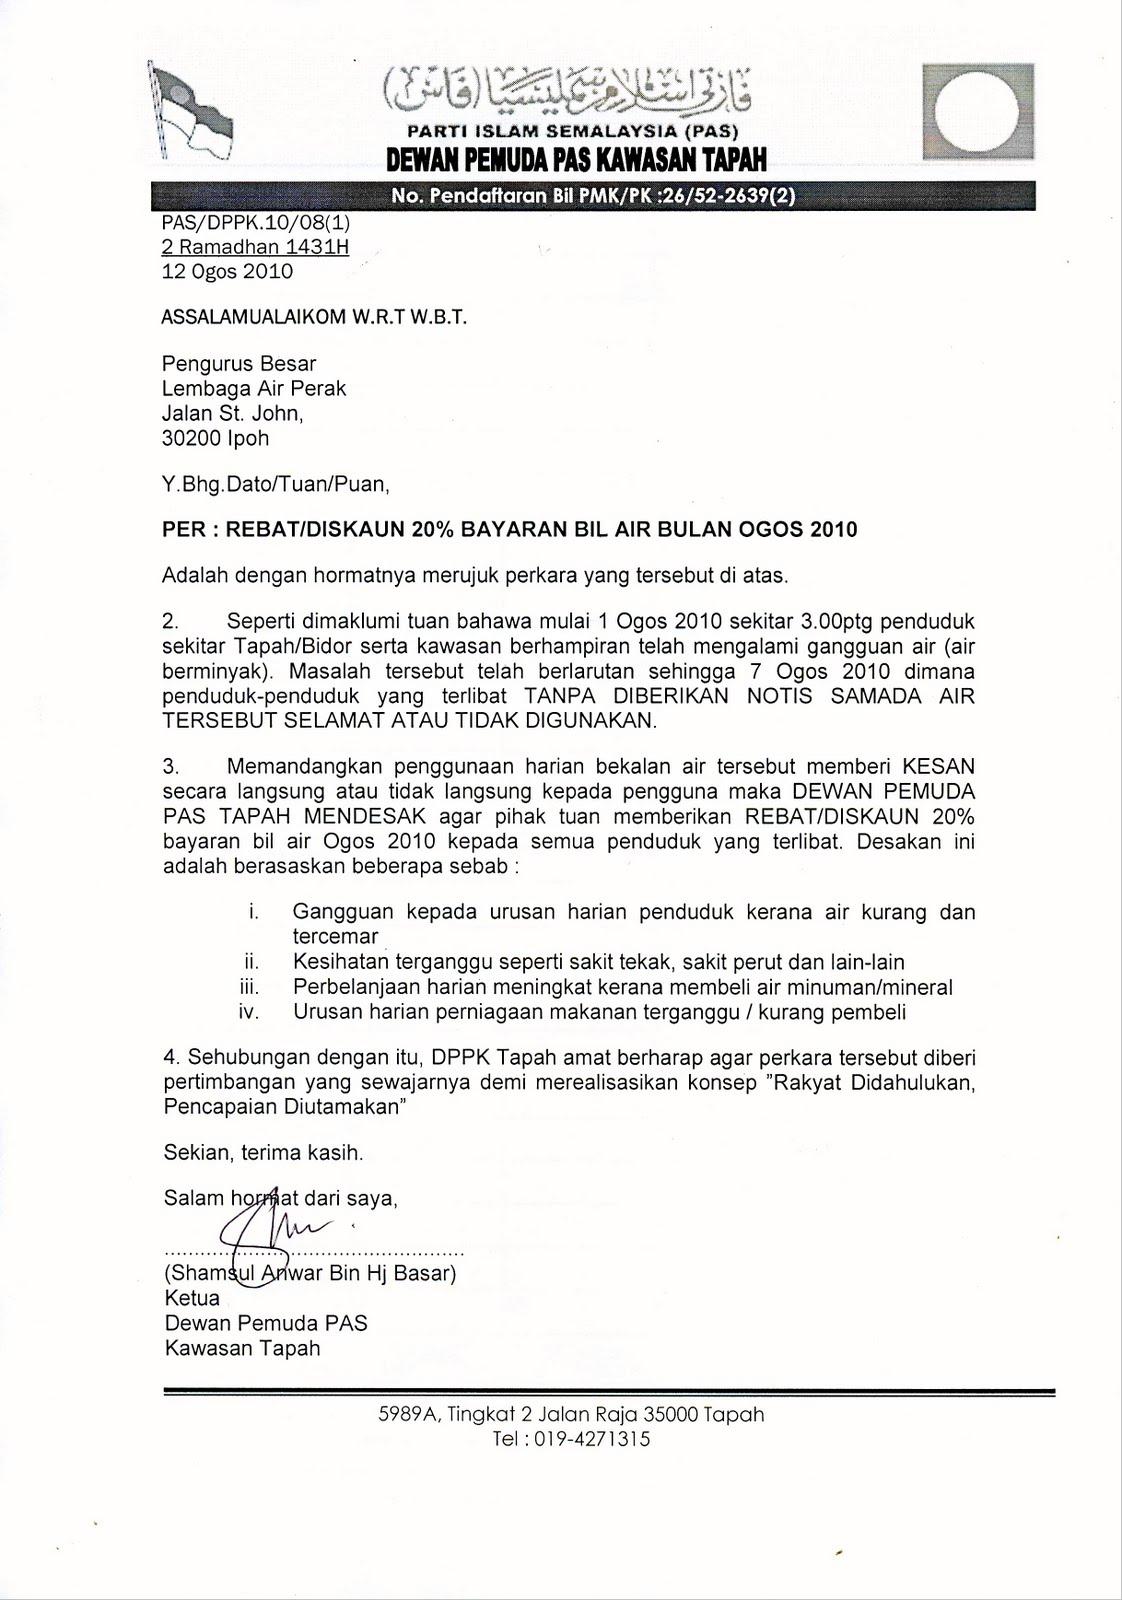 Dewan Pemuda PAS Kawasan Tapah: Surat kepada LAP untuk